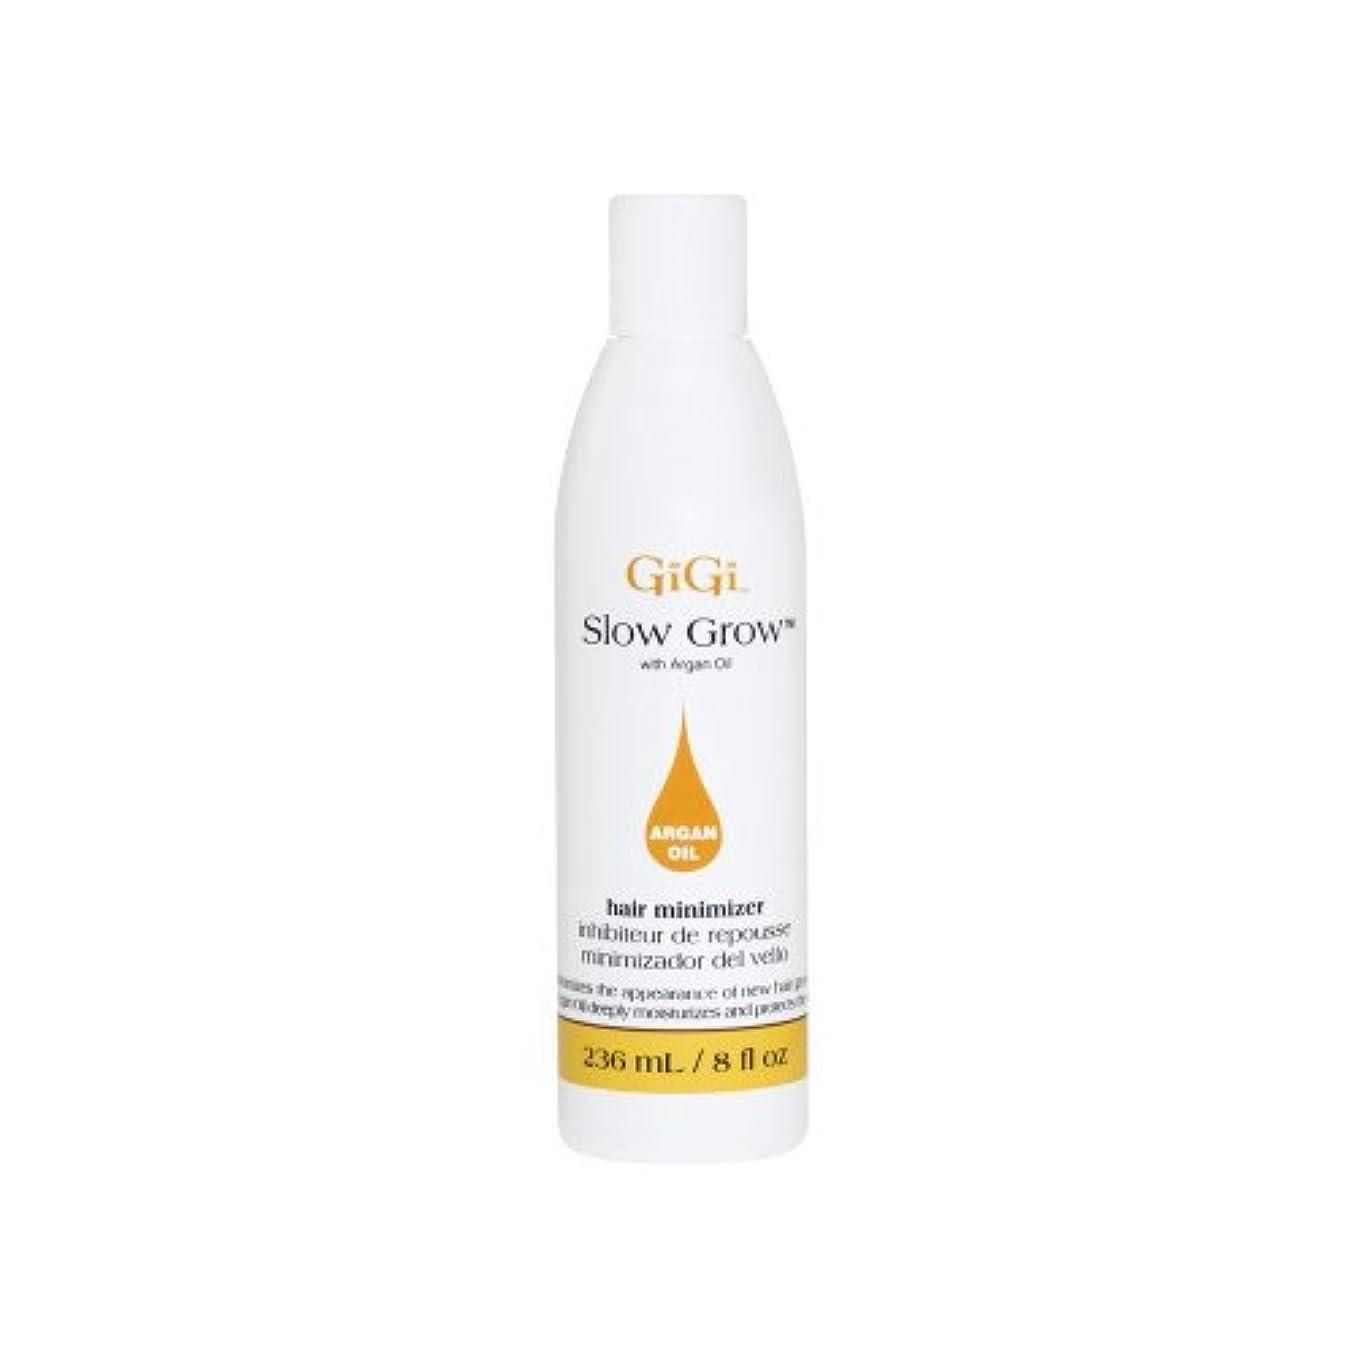 トリッキー宣教師同盟GiGi Slow Grow スローグロウ (ムダ毛を薄く)- hair minimizer with Argan Oil  (236ml) (海外直送品)